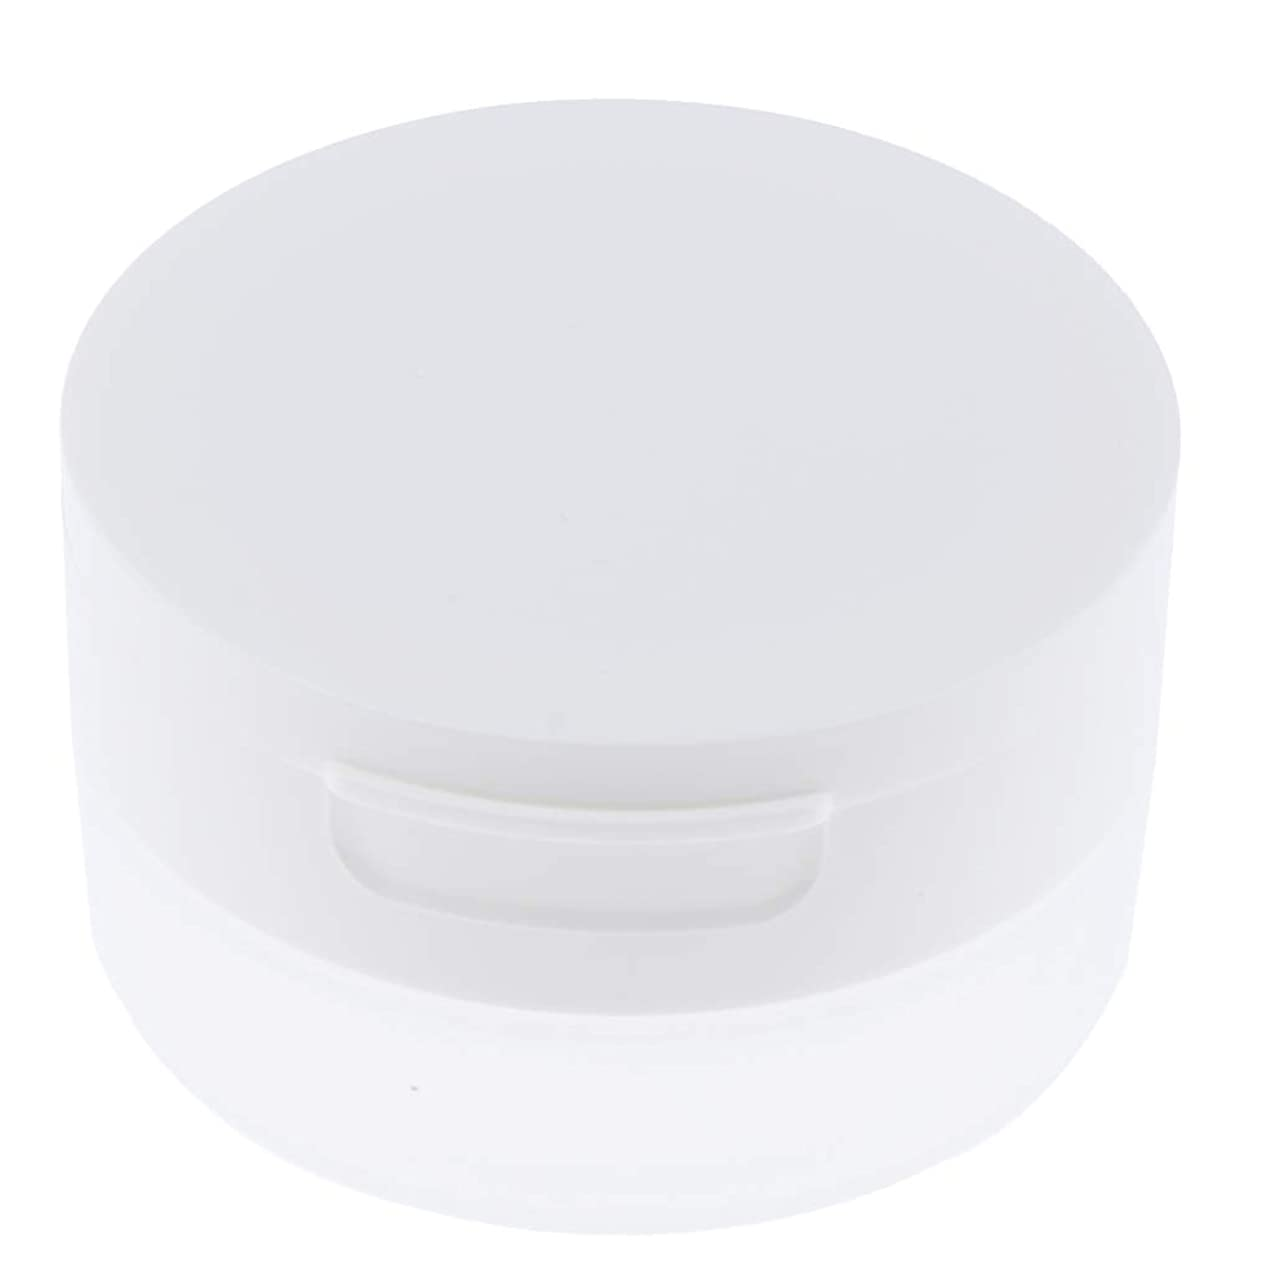 Perfeclan ルースパウダーケース 旅行 空ケース メイクアップ パウダー 容器 ポット 2サイズ選べ - 50g